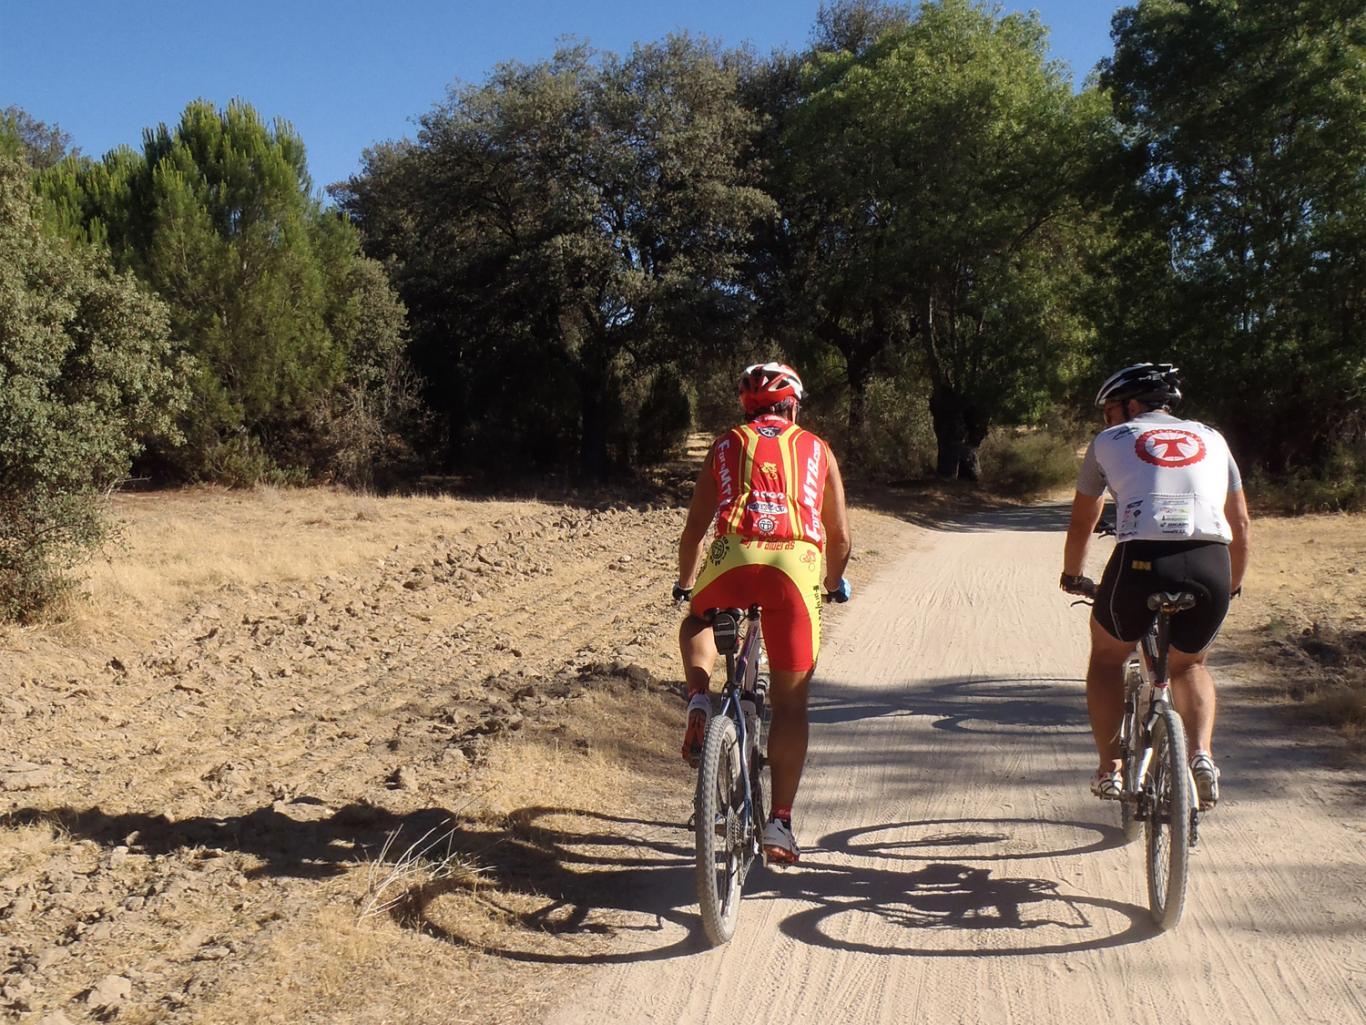 Ciclistas pedaleando por un camino